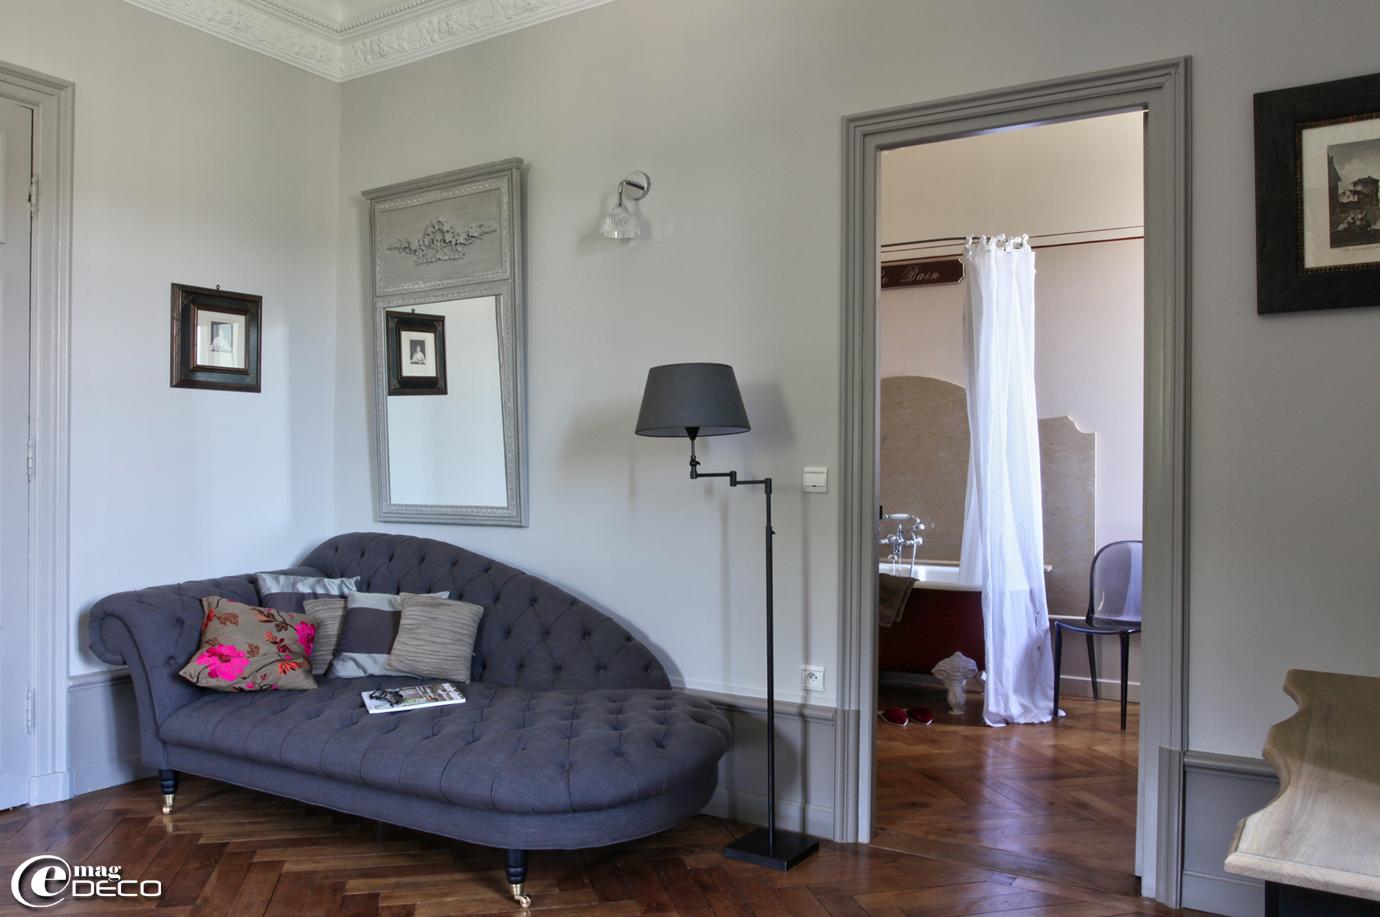 Dans un chambre d'hôtes du Château Clément, une méridienne 'Signature', un miroir trumeau 'Blanc d'Ivoire' et une lampe sur pied 'Casadisagne'